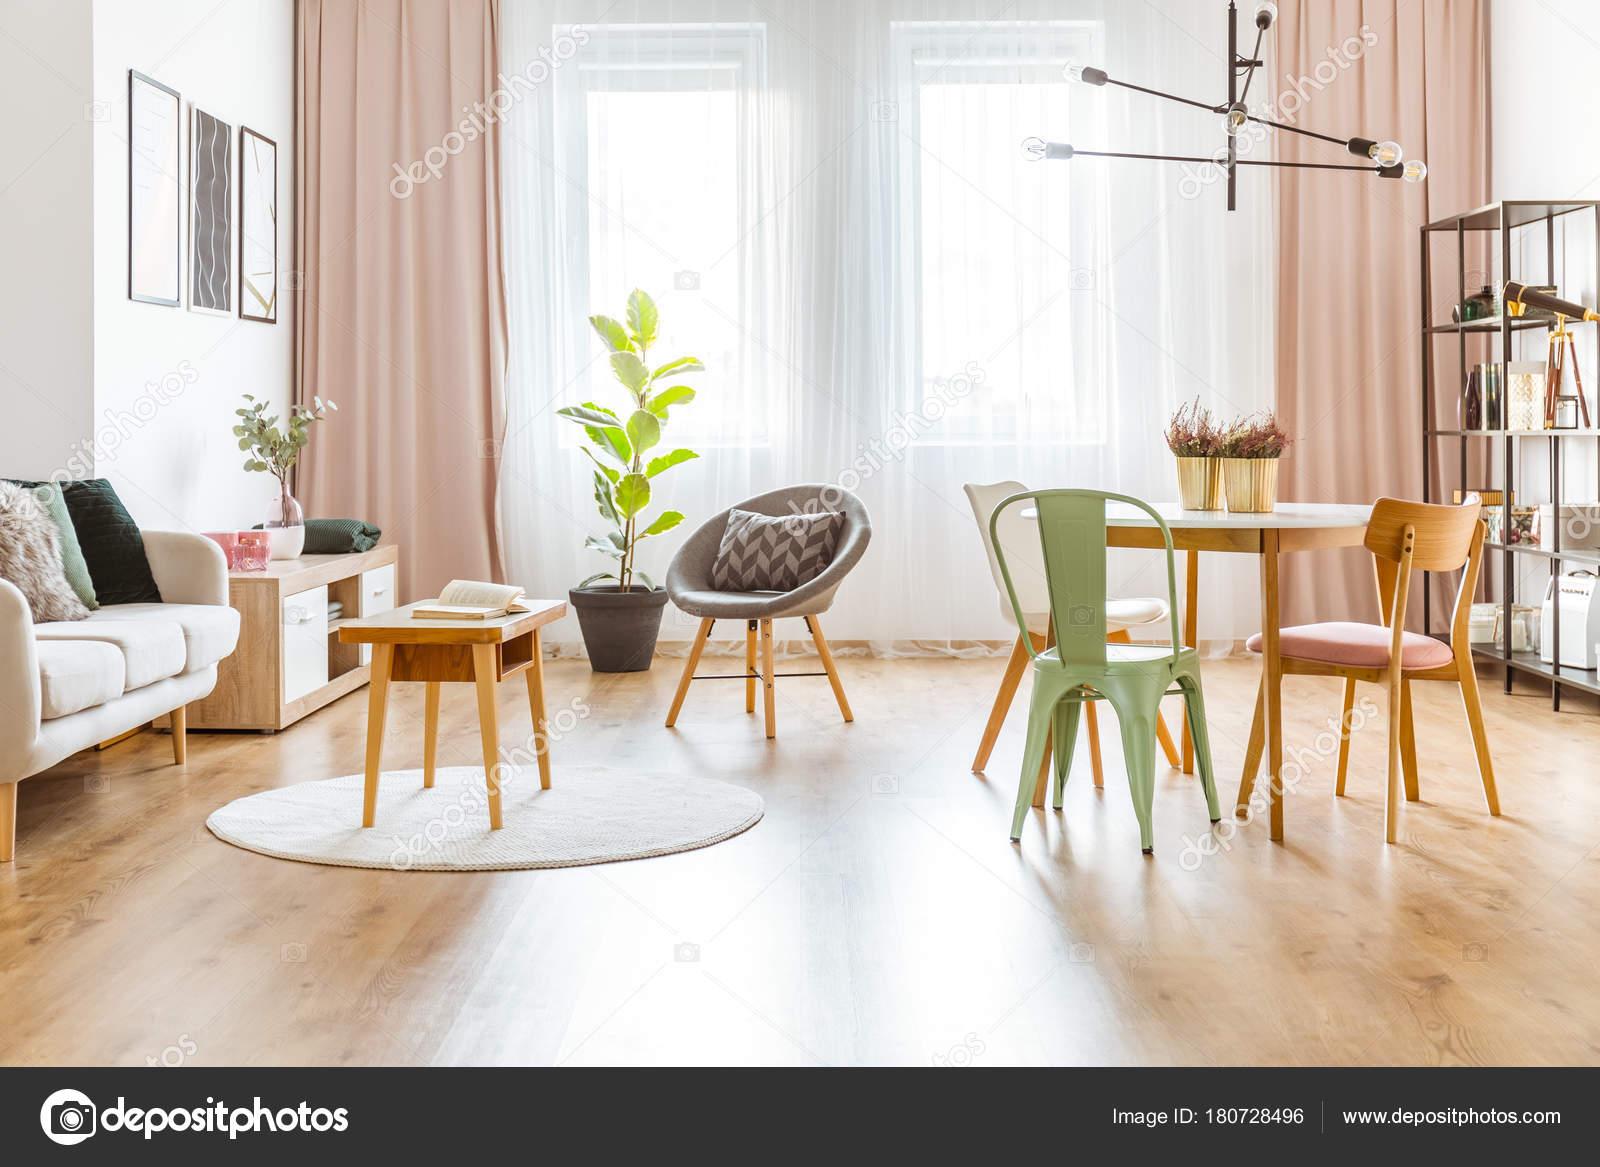 Mint en roze woonkamer — Stockfoto © photographee.eu #180728496